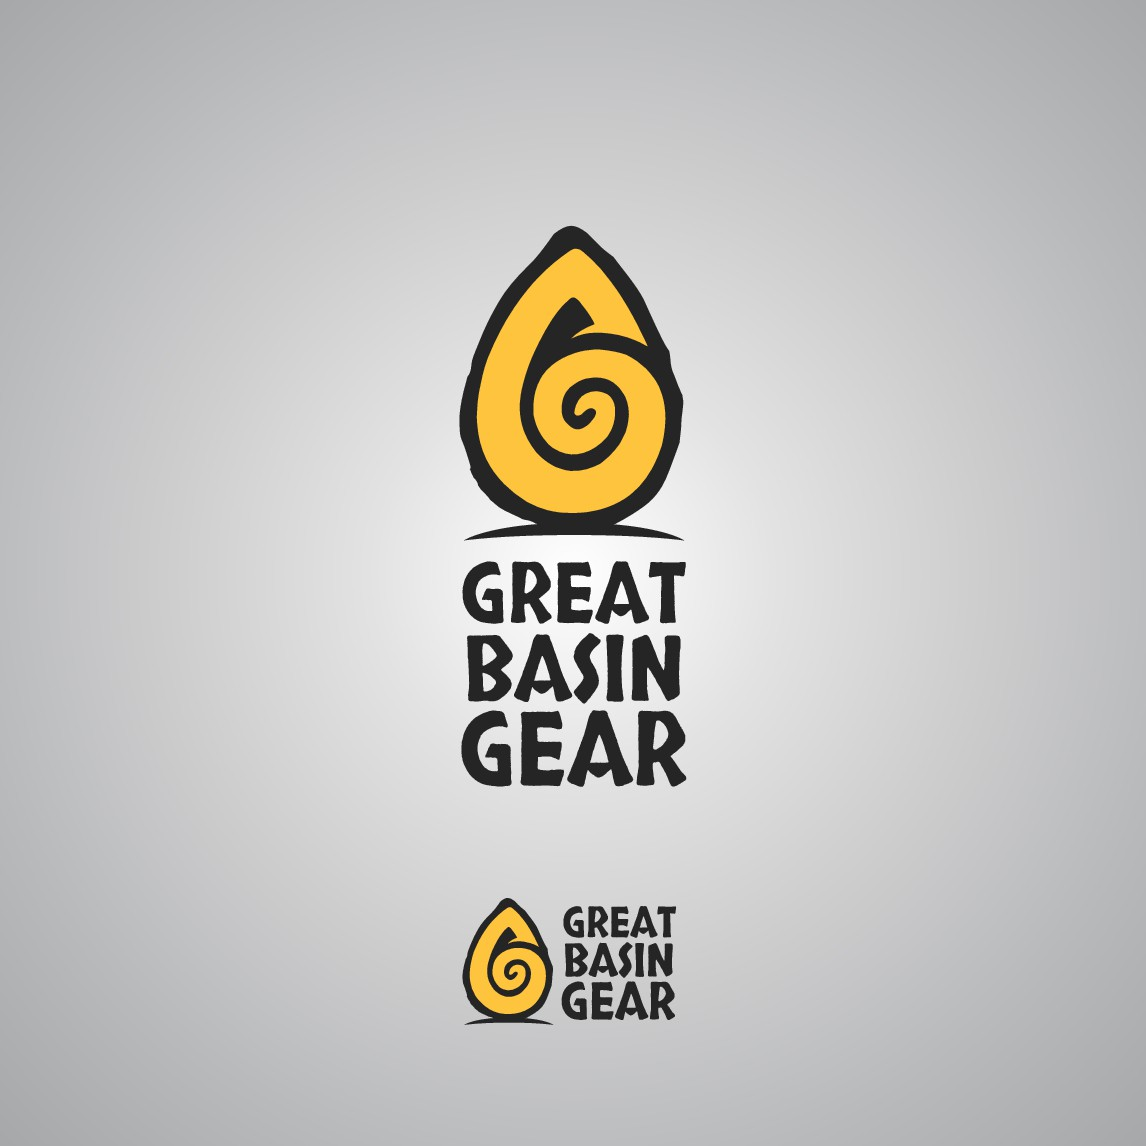 Seeking cavemen/women to design an outdoor gear logo.